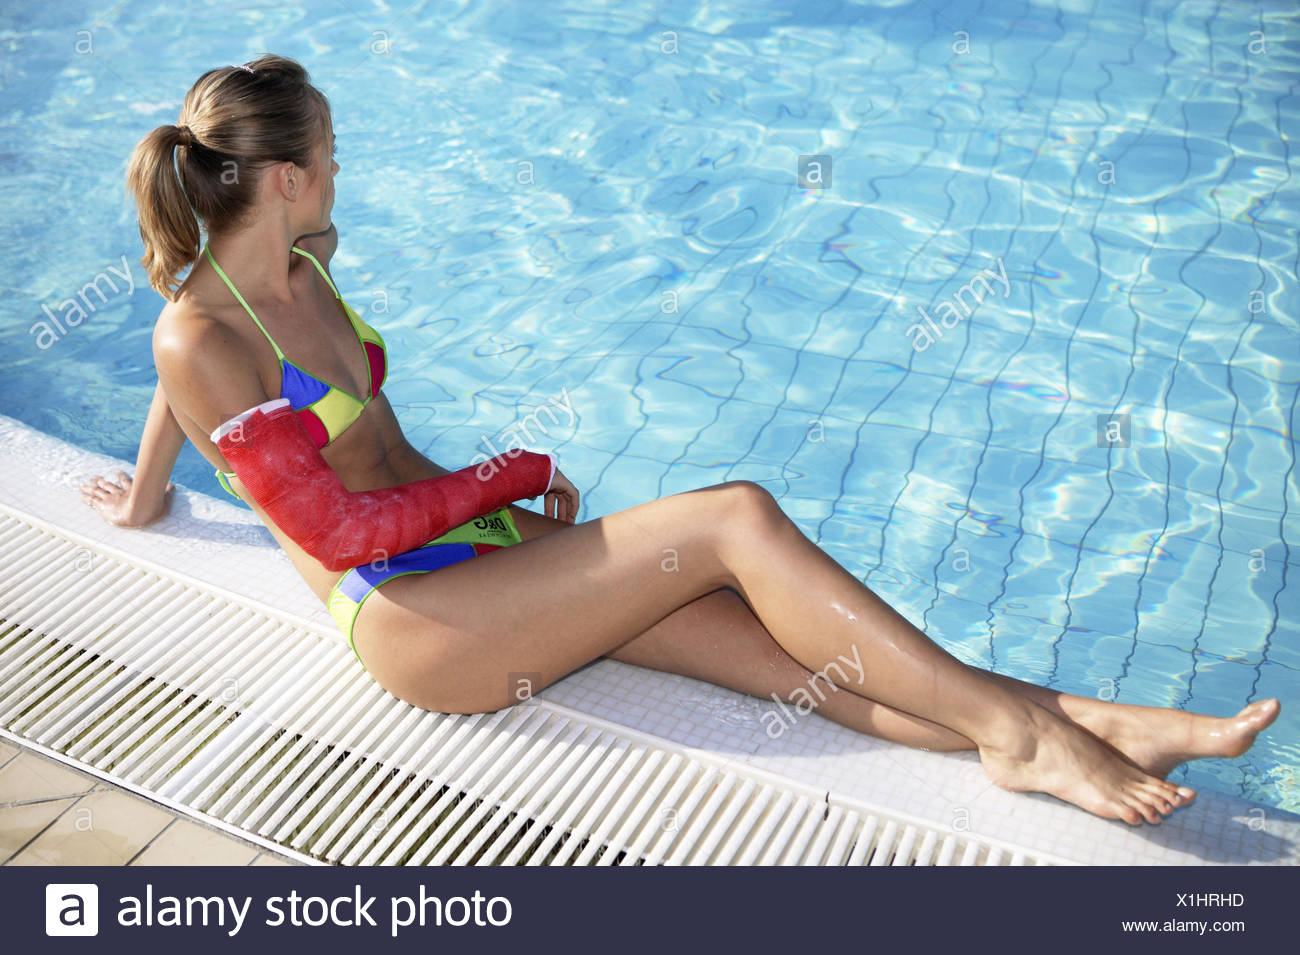 Frau Jung Arm Gips Schiene Gebrochen Pool Sitzen Sommer Urlaub Holiday Unfall Verletzung Armbruch Behinderung Schicksal Traurig - Stock Image